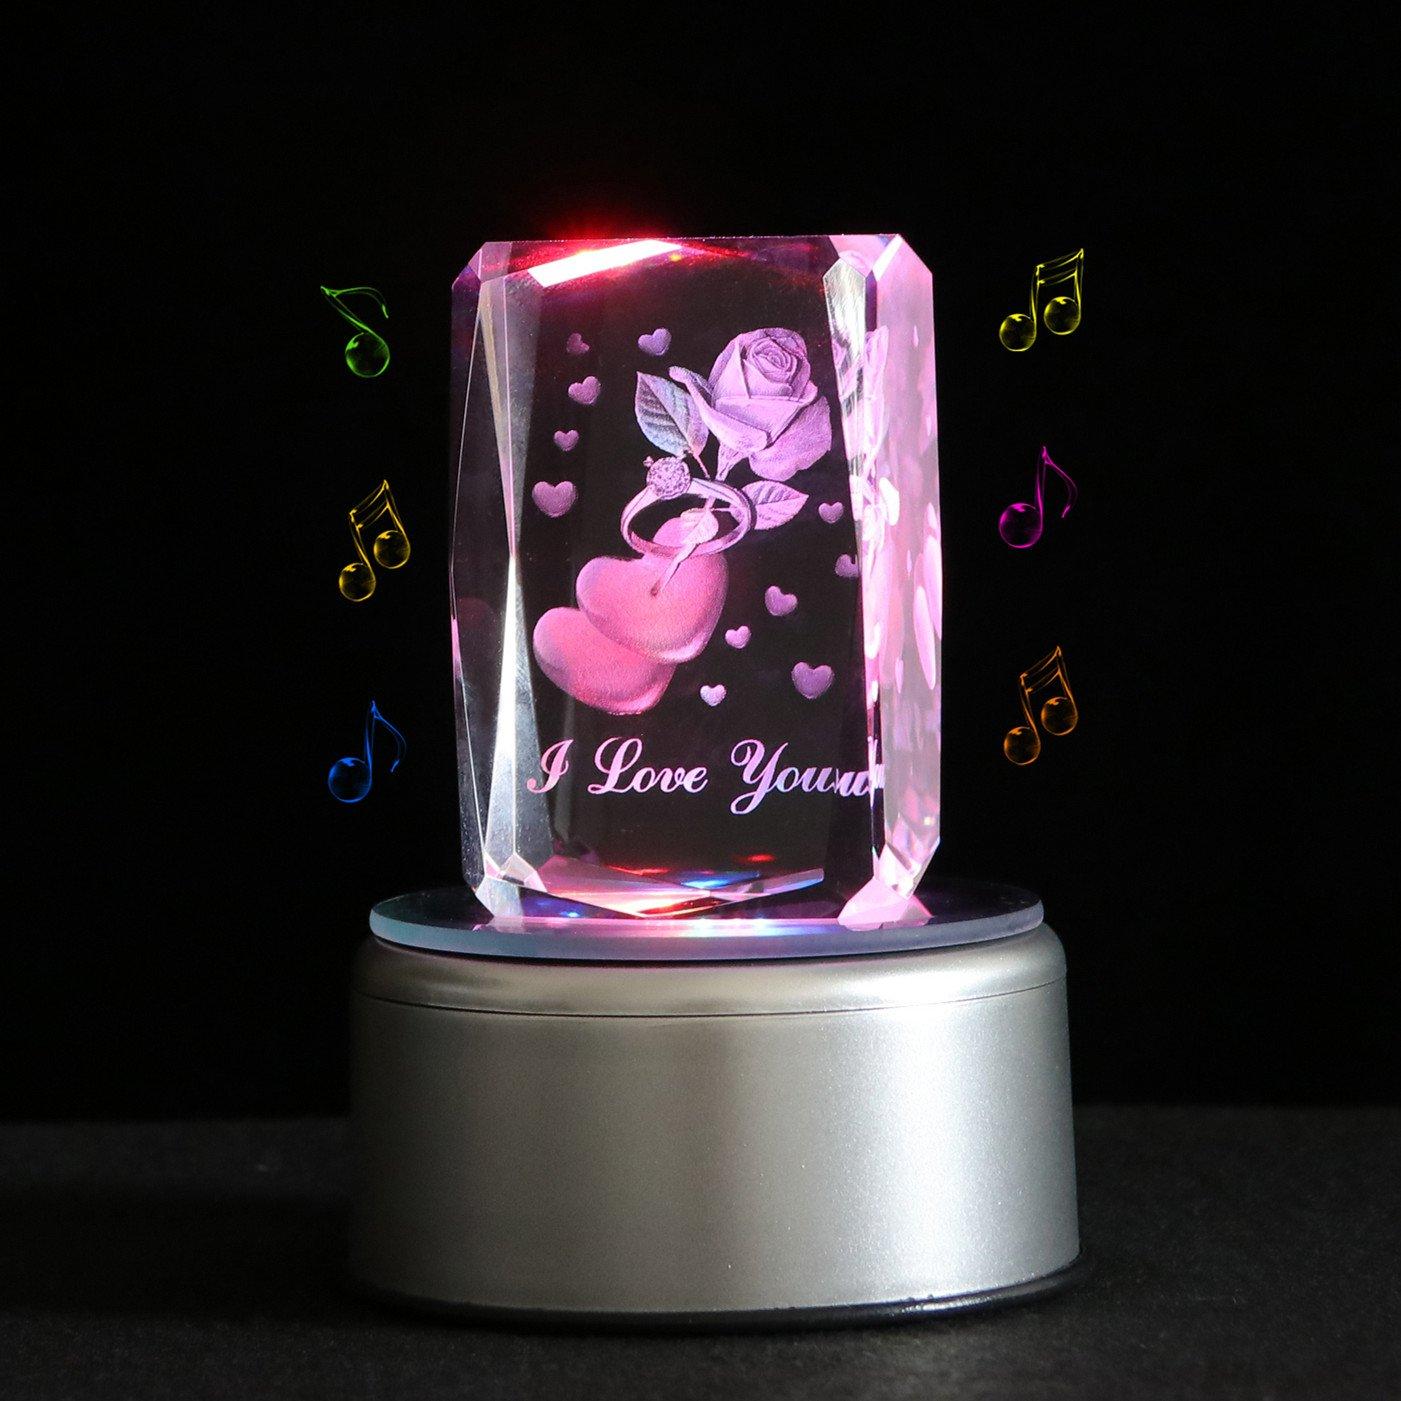 【着後レビューで 送料無料】 qianruna 3dレーザークリスタル彫刻クリスタルローズフラワー音楽ボックス、クリスマスギフト Base|Rose、贈り物母の日、ナイトライトfor Kids Ring、結婚記念ギフト Music B075FW8TWN Base B075FW8TWN Rose With Ring Bluetooth Base Bluetooth Base|Rose With Ring, 大和まほろば いざさ茶屋:28971b9a --- arcego.dominiotemporario.com